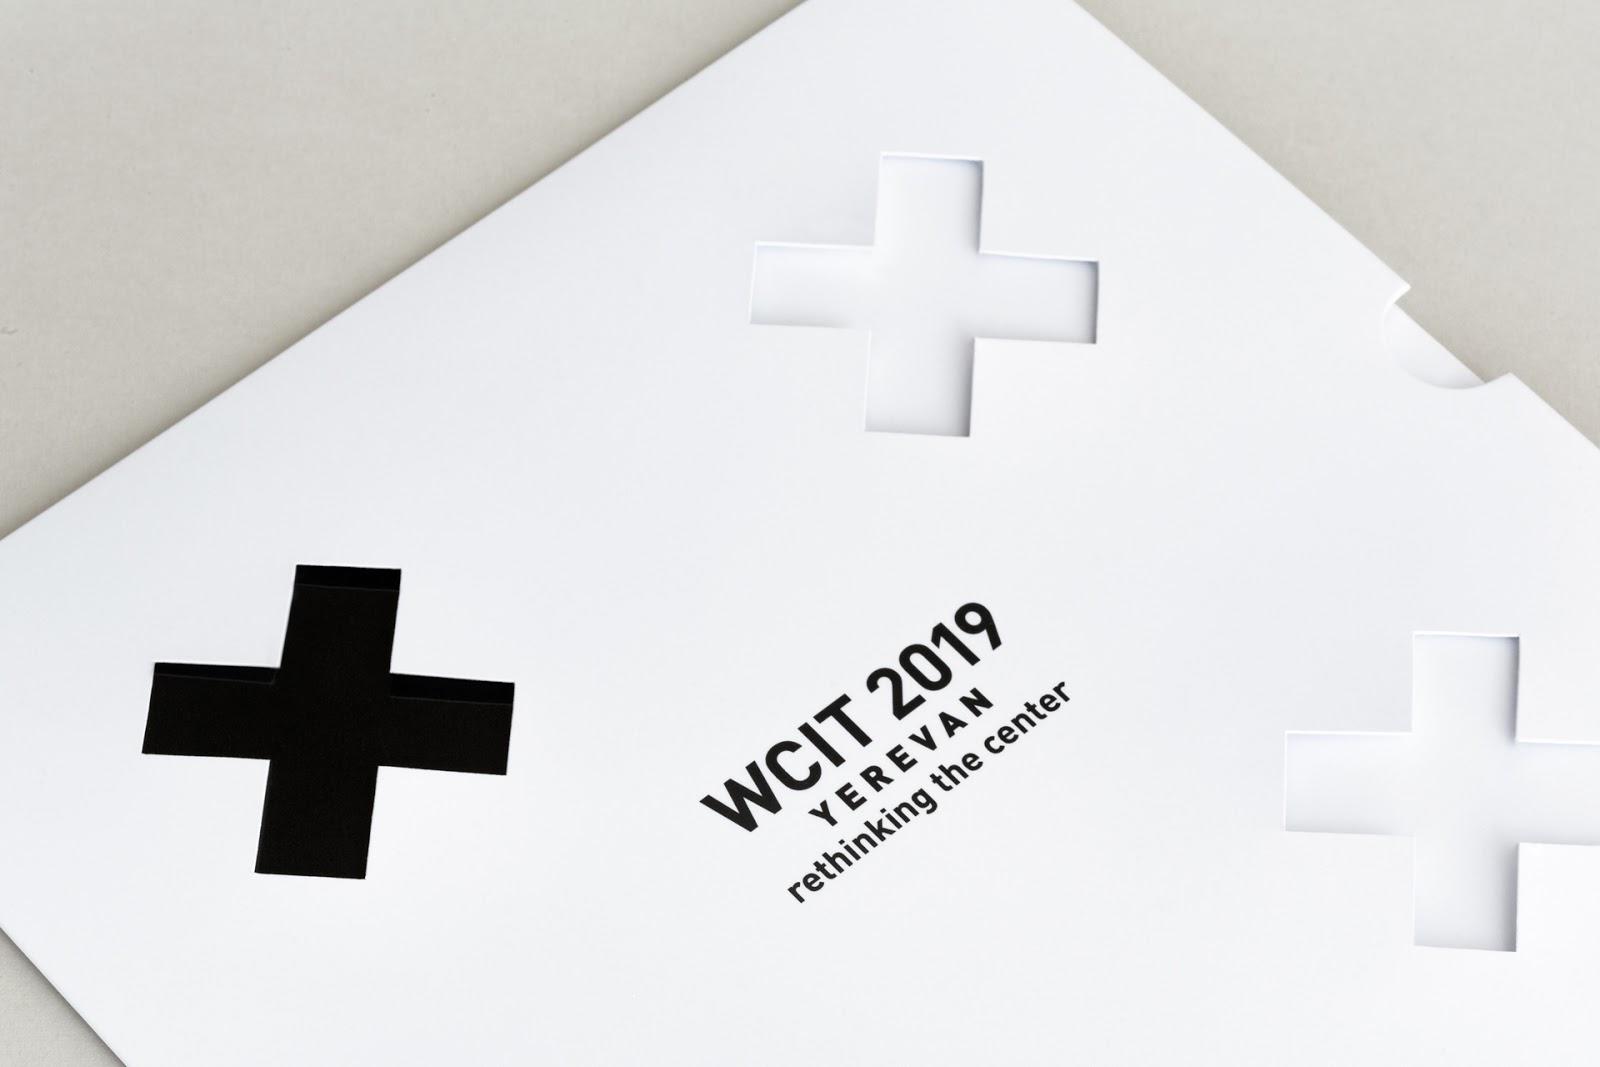 ԱՏՁՄ. մրցույթ՝ WCIT 2019 համաժողովի մասնակիցների ուղևորափոխադրման ծառայությունների մատուցման համար